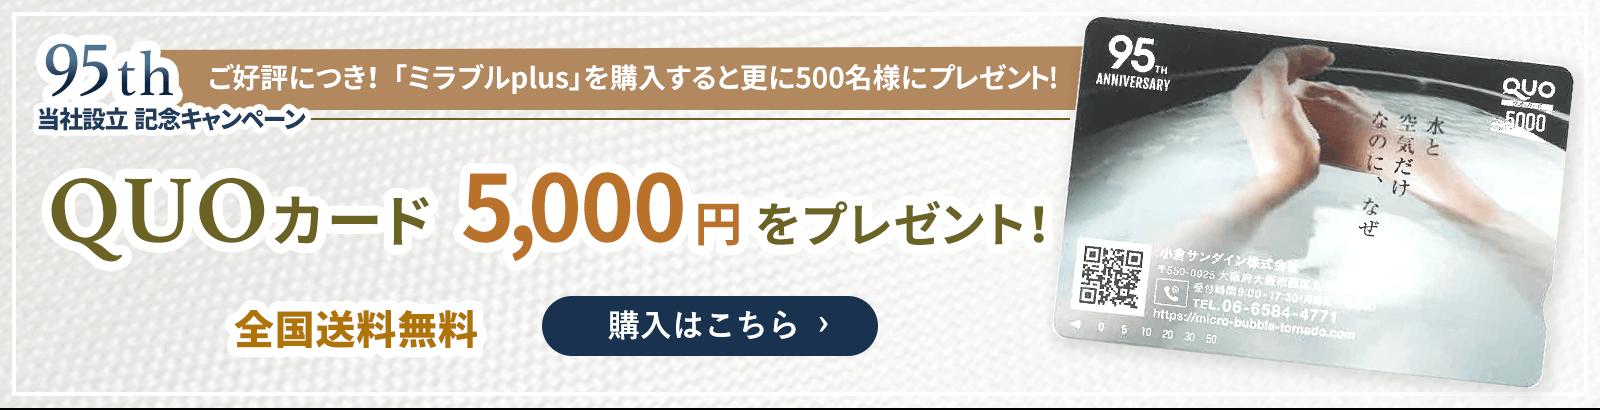 「ミラブルplus」を購入すると限定500名様にプレゼント!全国送料無料 + QUOカード5,000円をプレゼント!購入はこちら